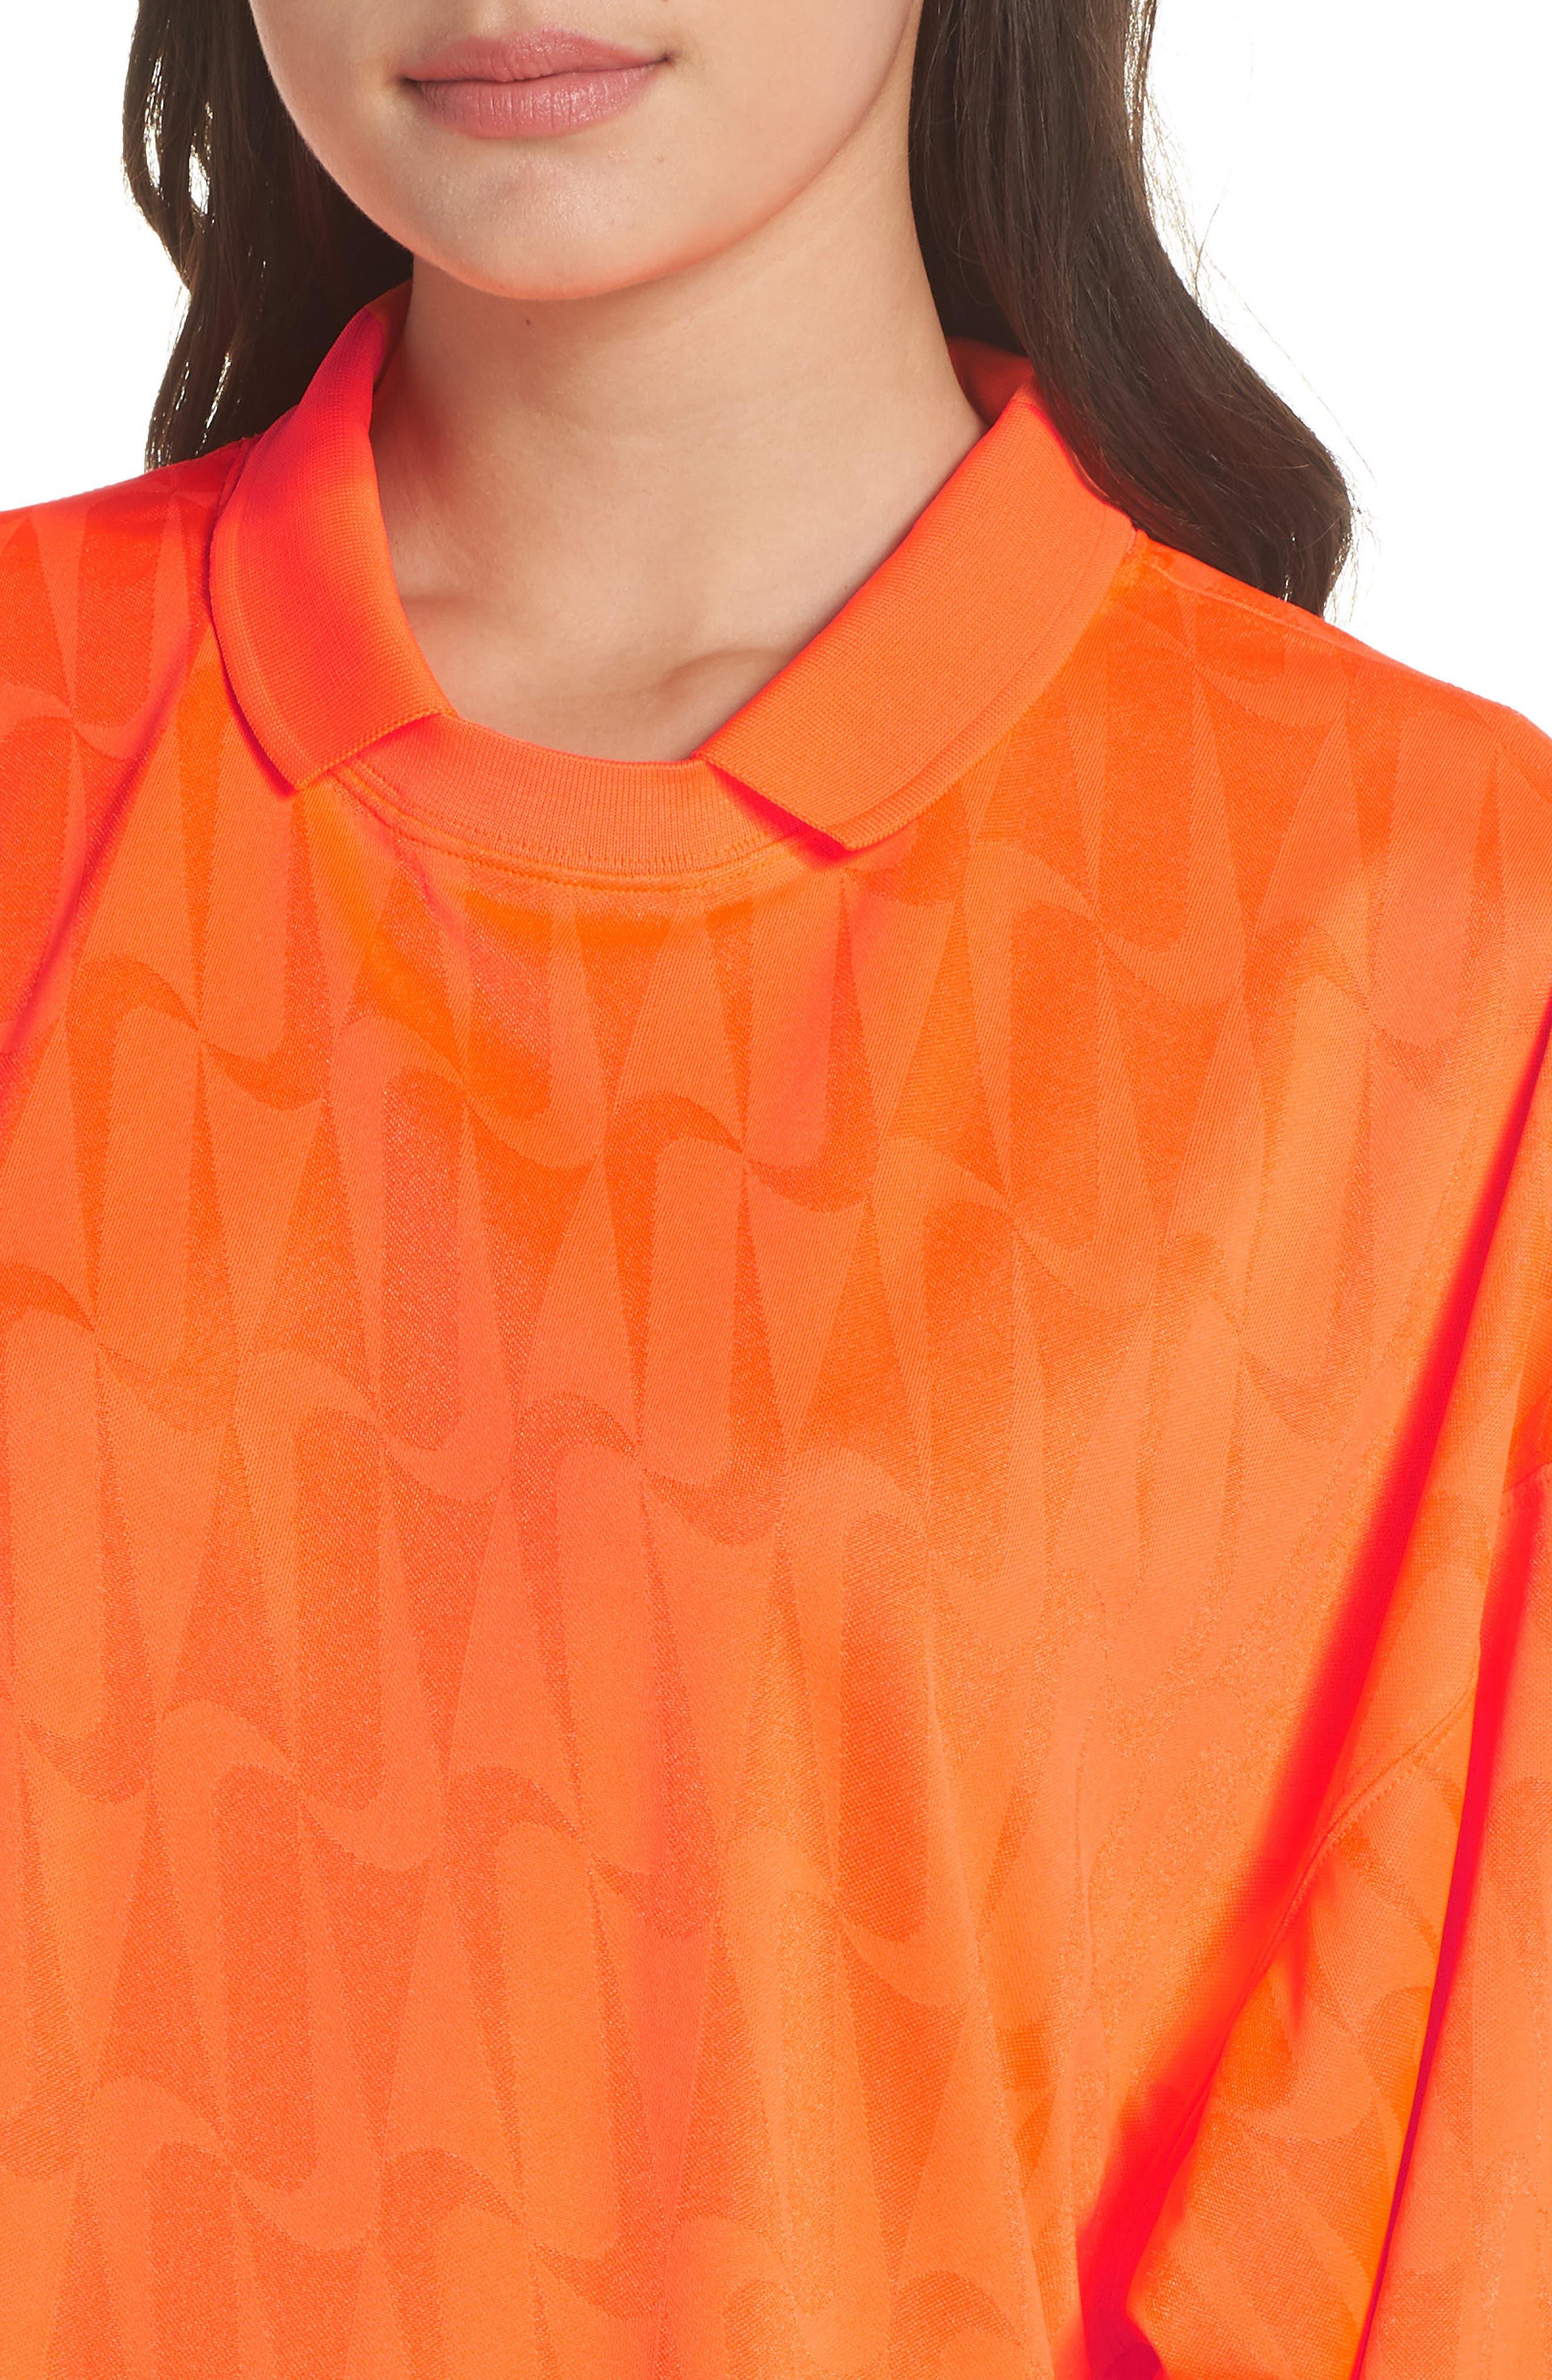 NRG Jersey Dress,                             Alternate thumbnail 4, color,                             HYPER CRIMSON